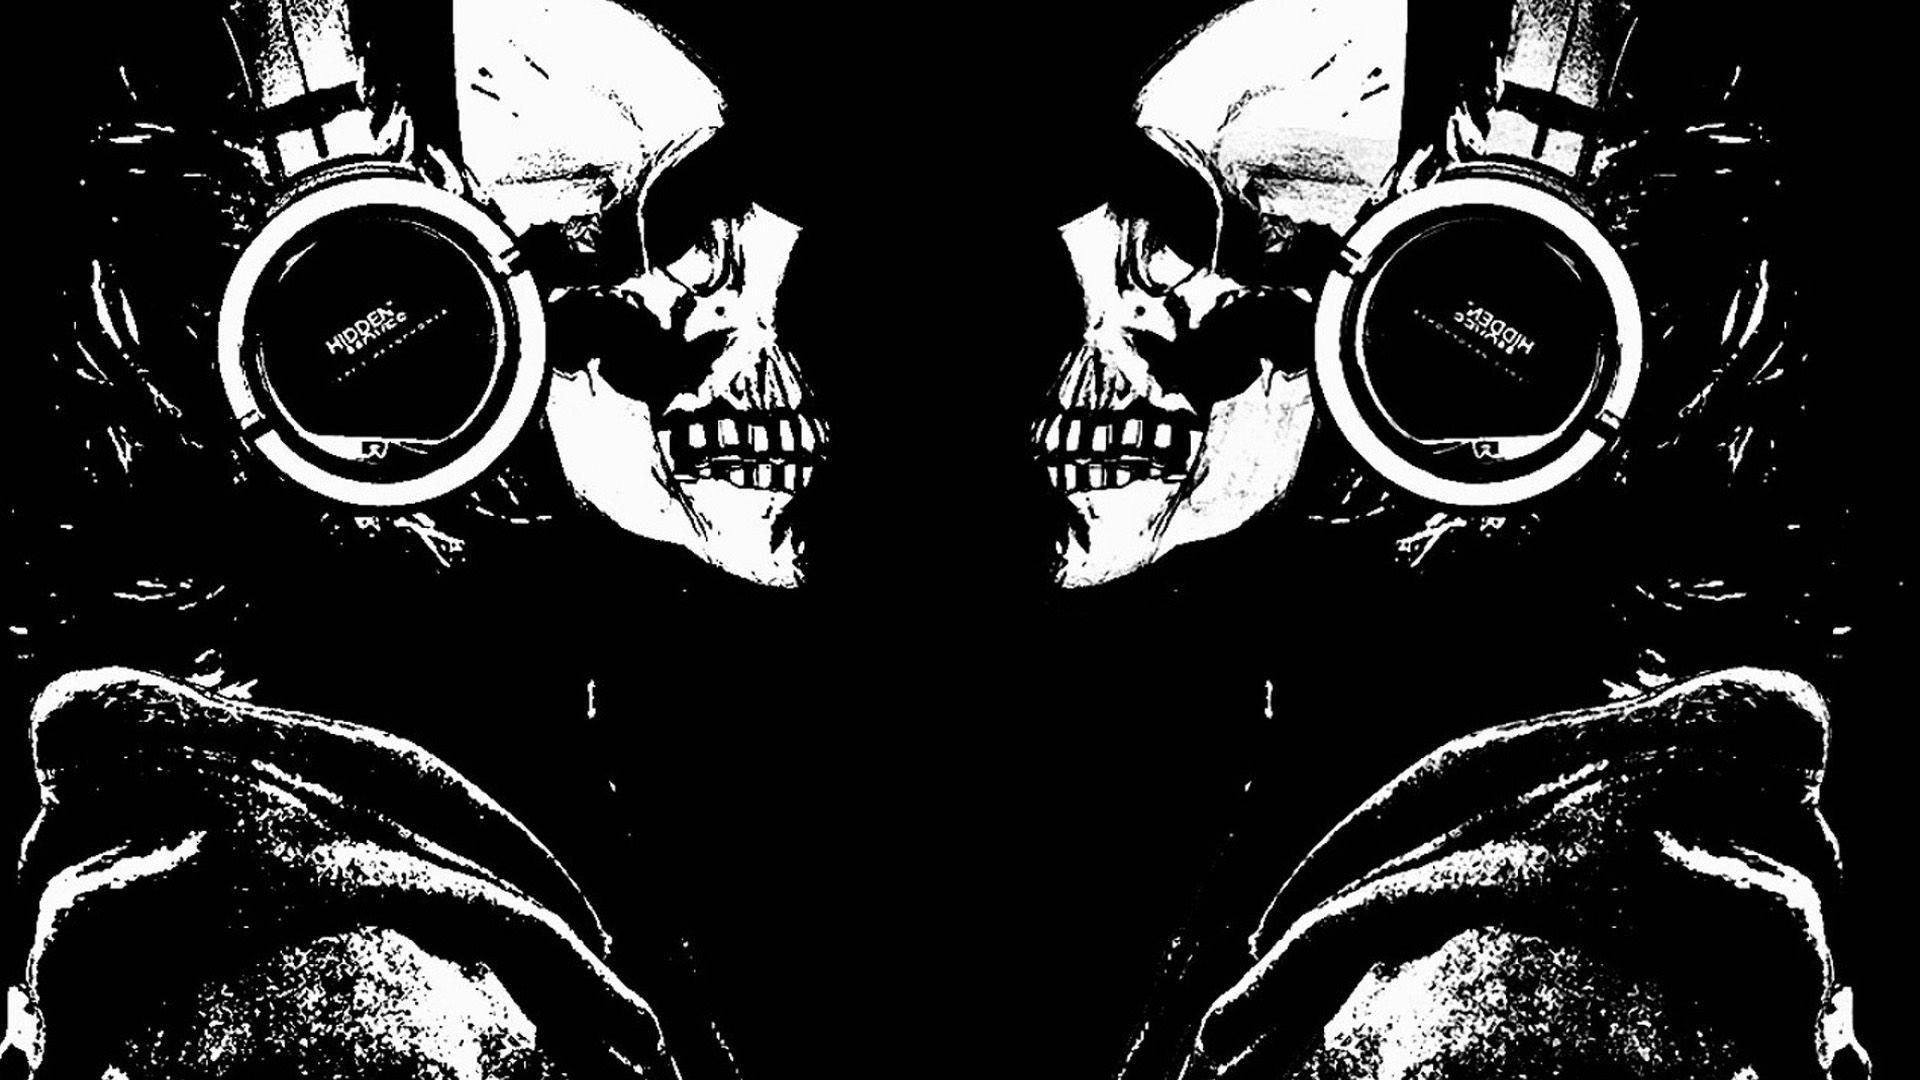 Dark Music